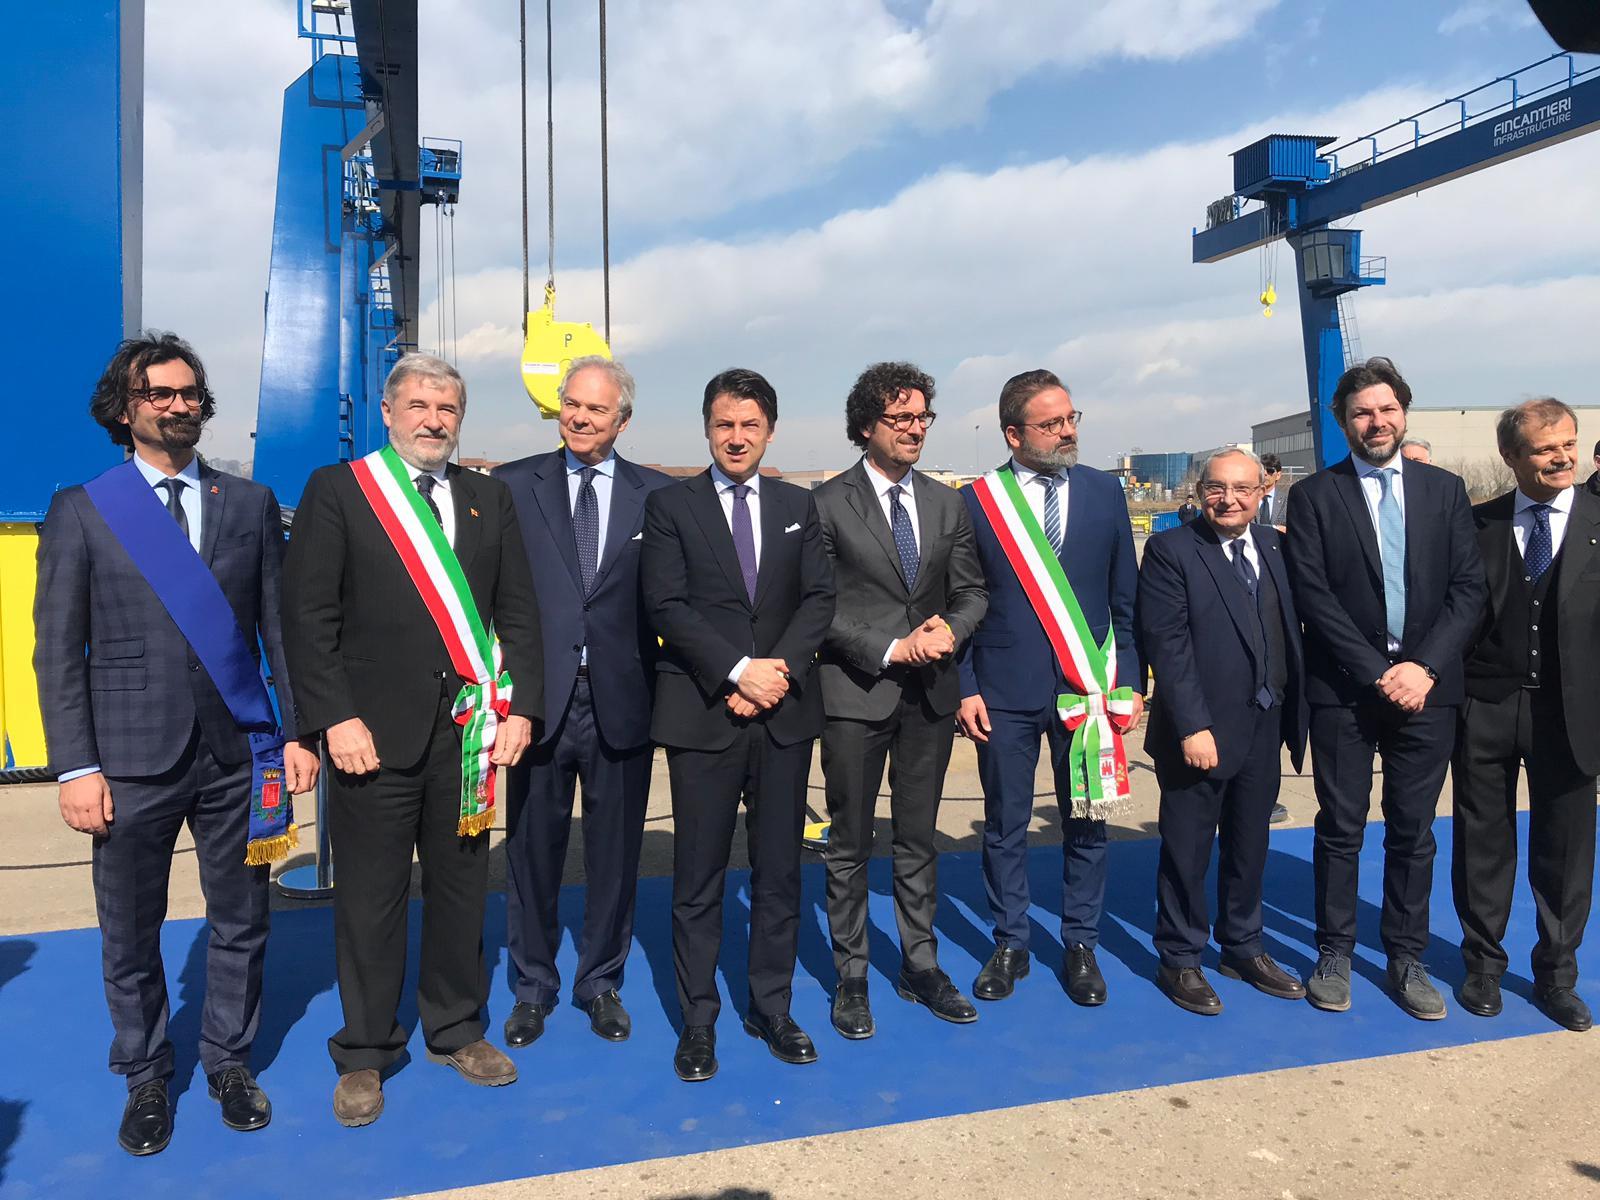 Valeggio Conte Toninelli ponte Genova Fincantieri